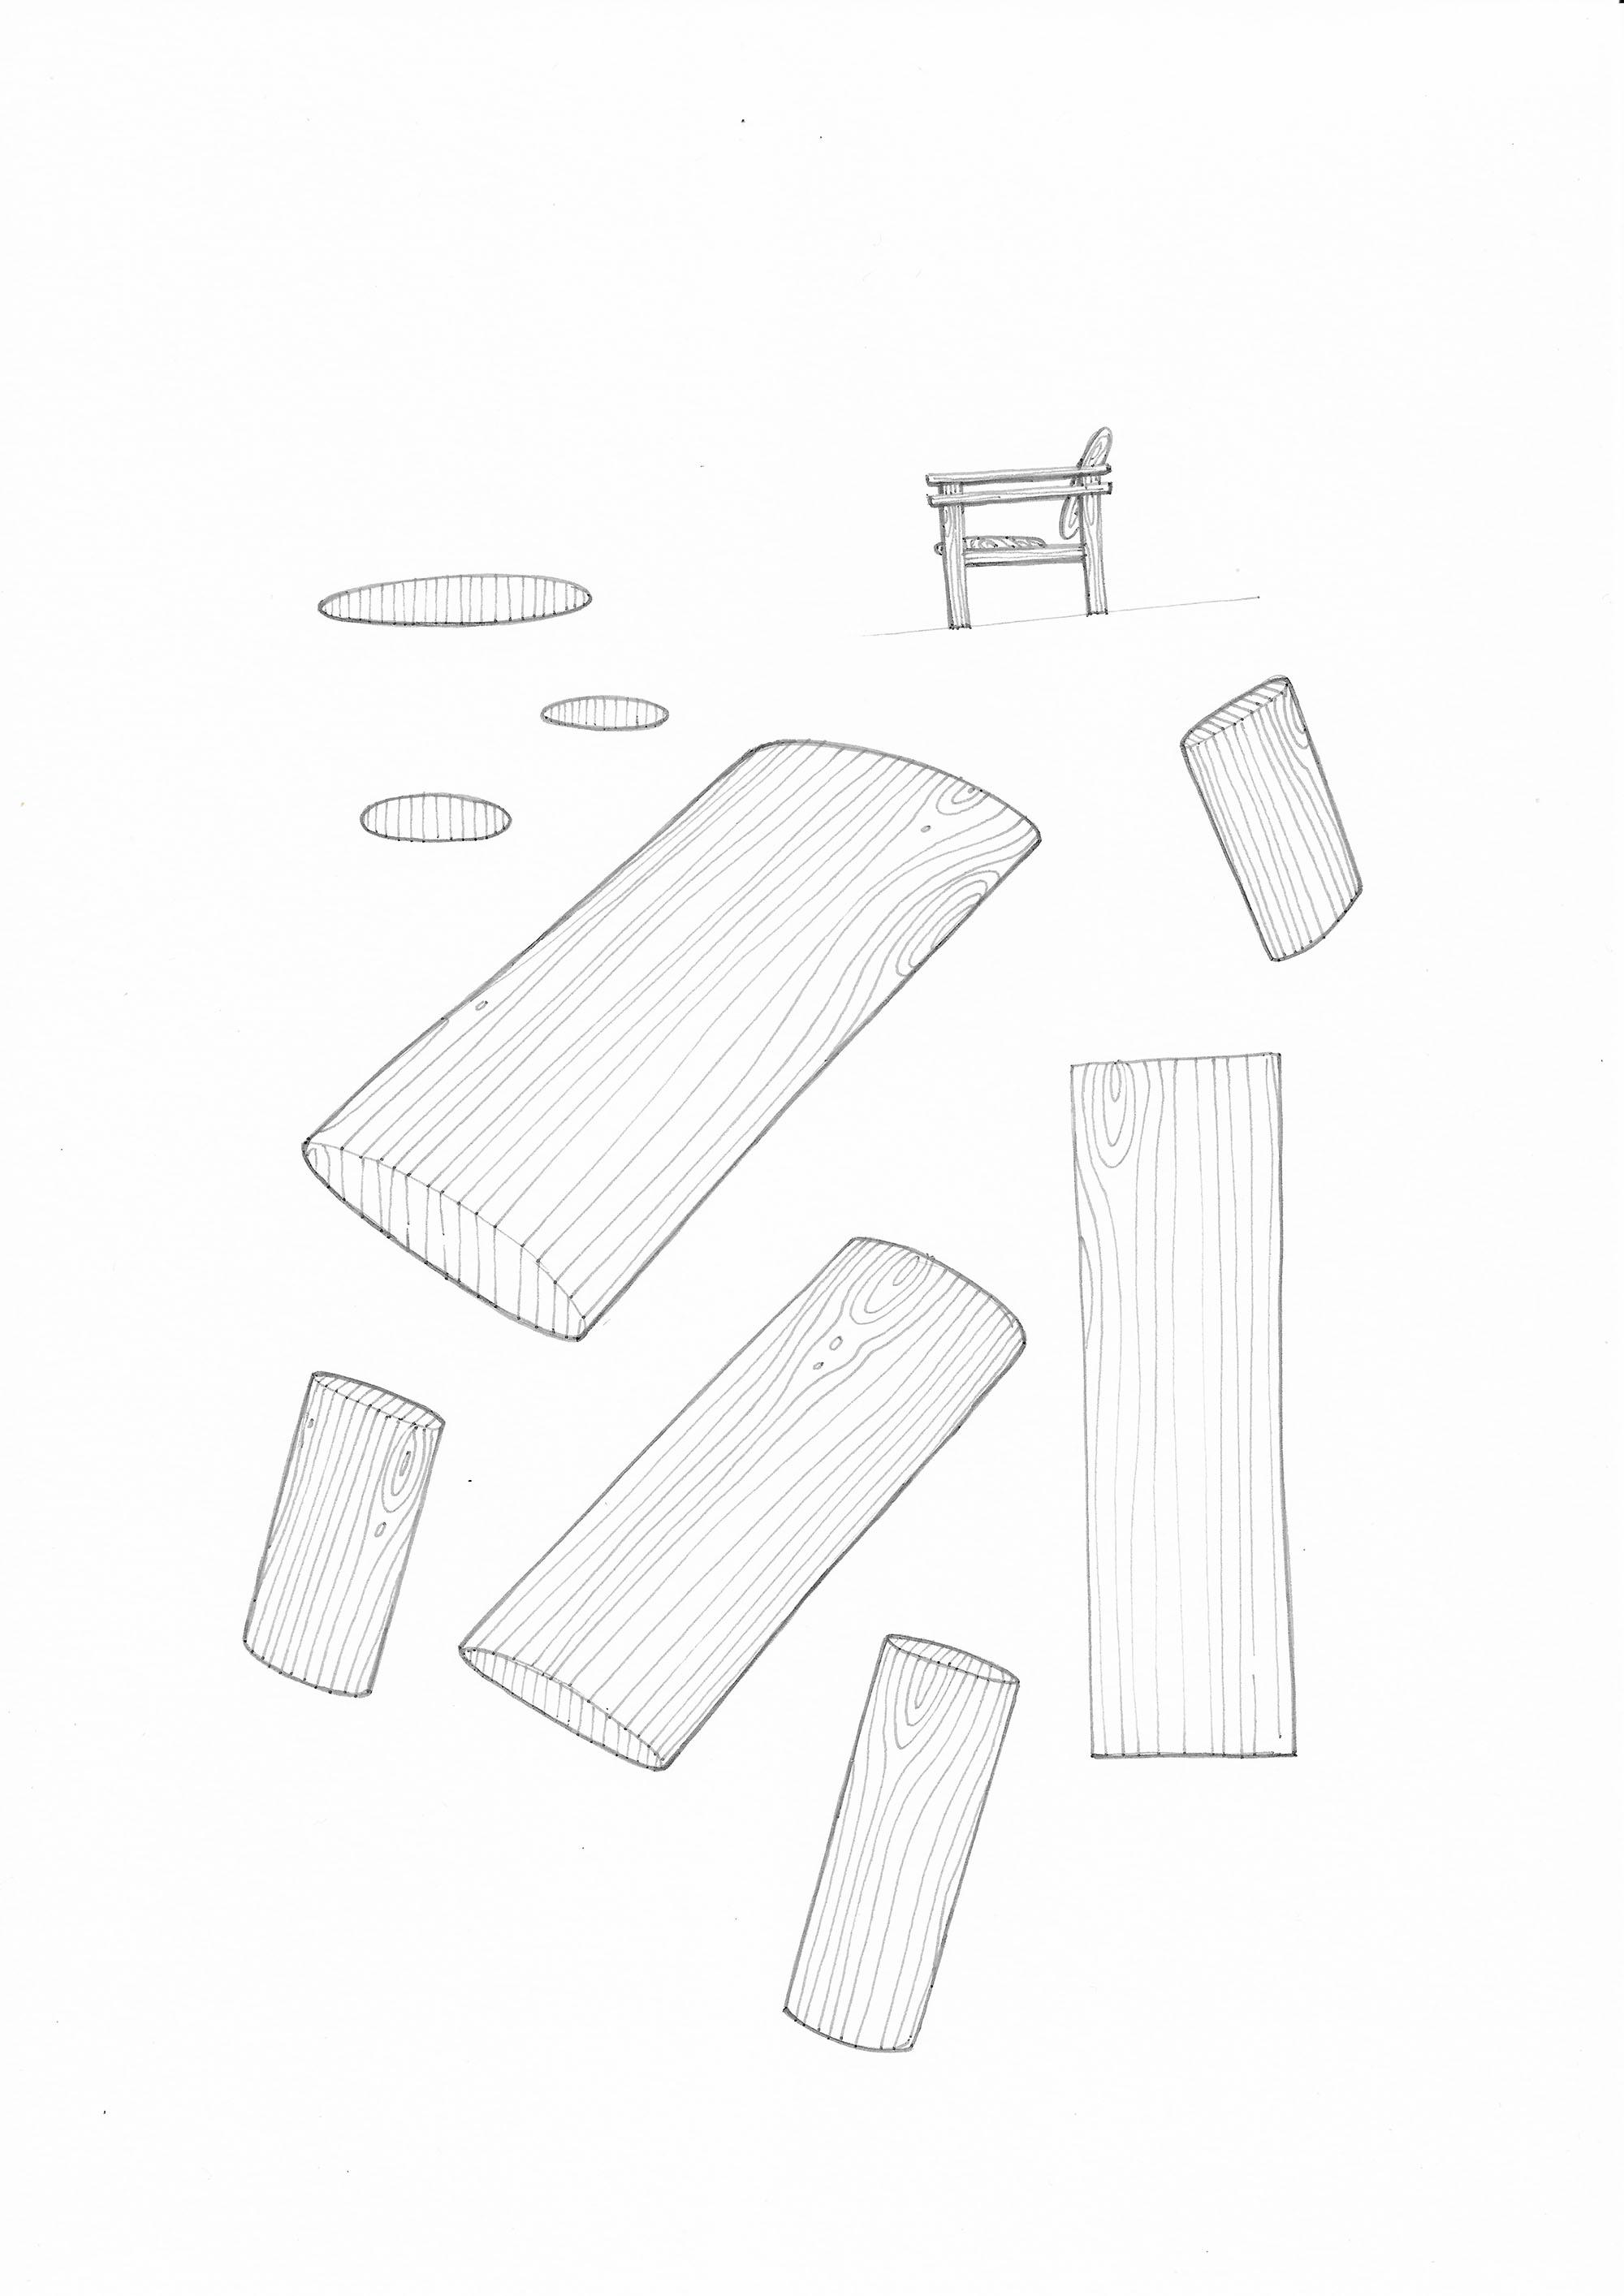 Mac Collins_Concur_Sketches 1